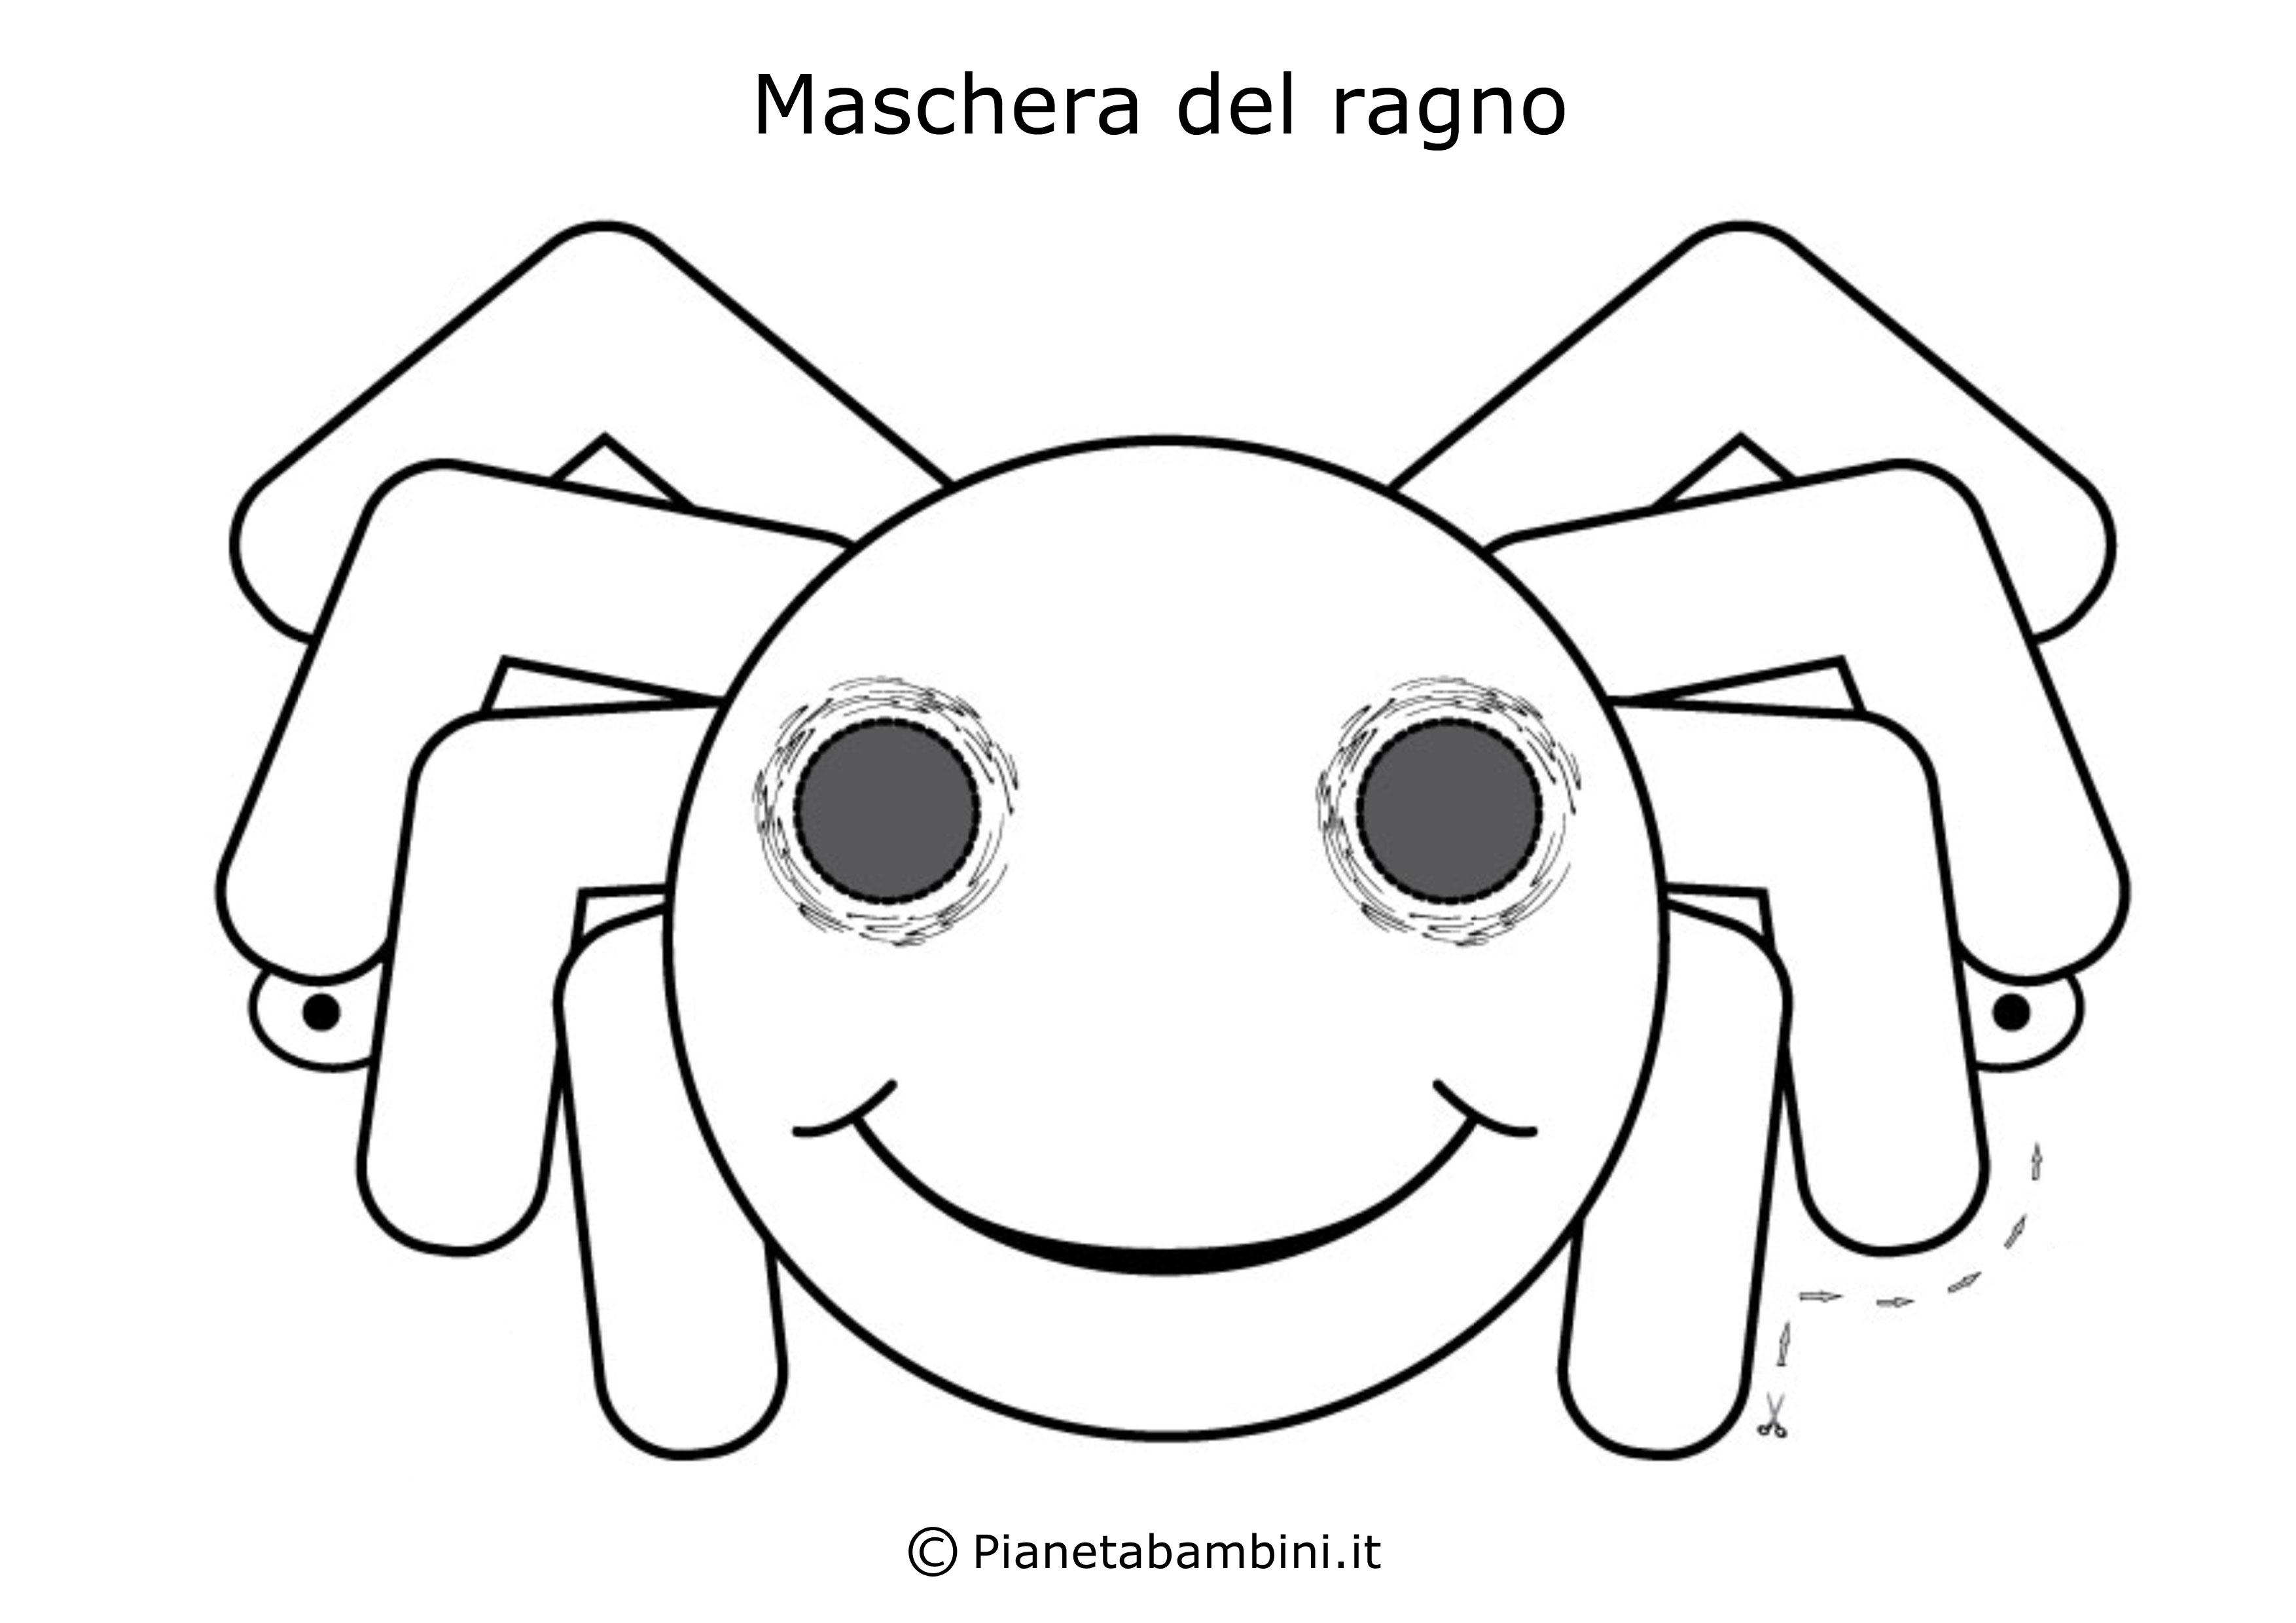 Maschera-Colorare-Ragno